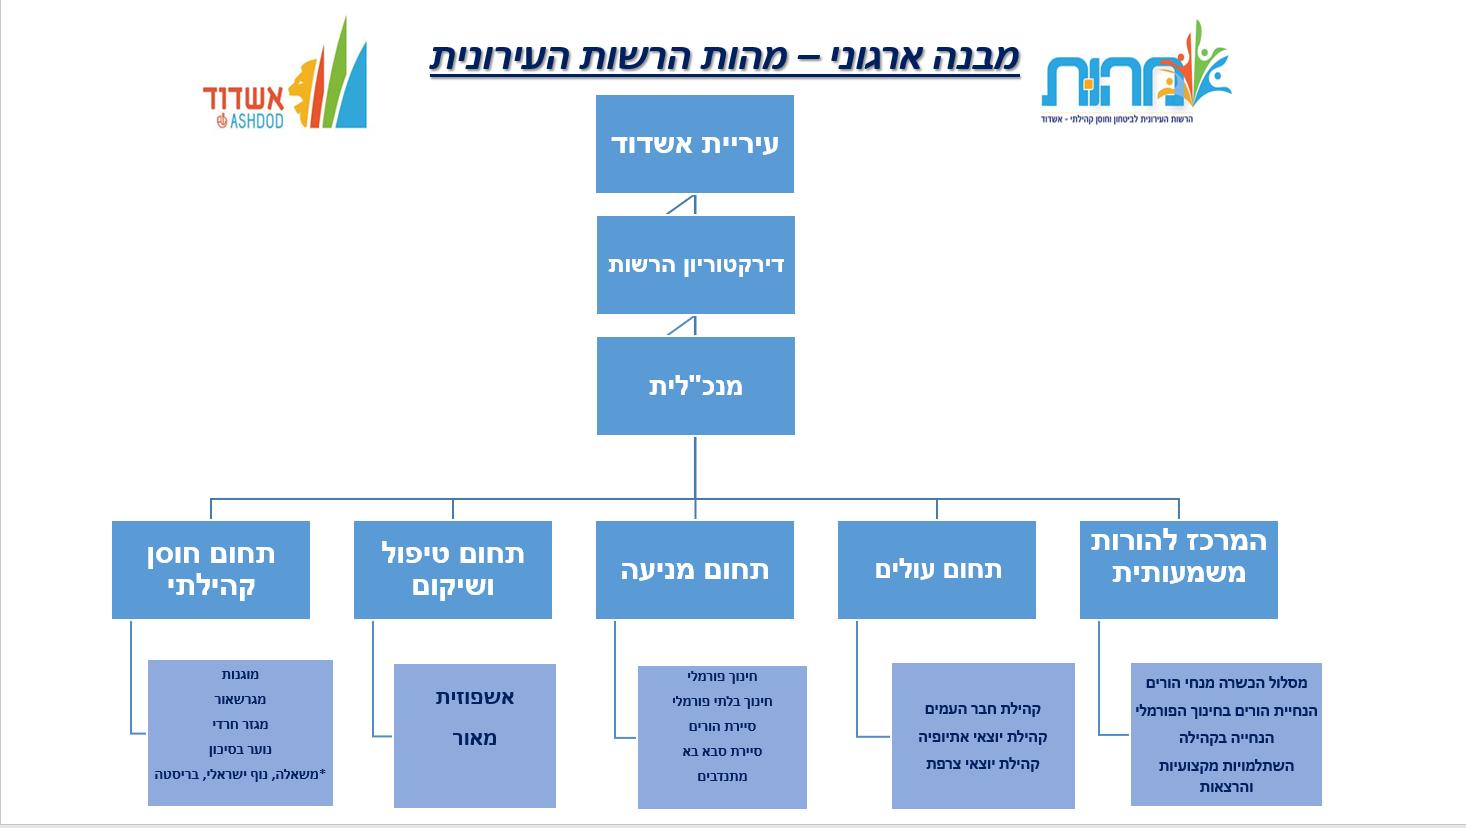 מבנה ארגוני מהות